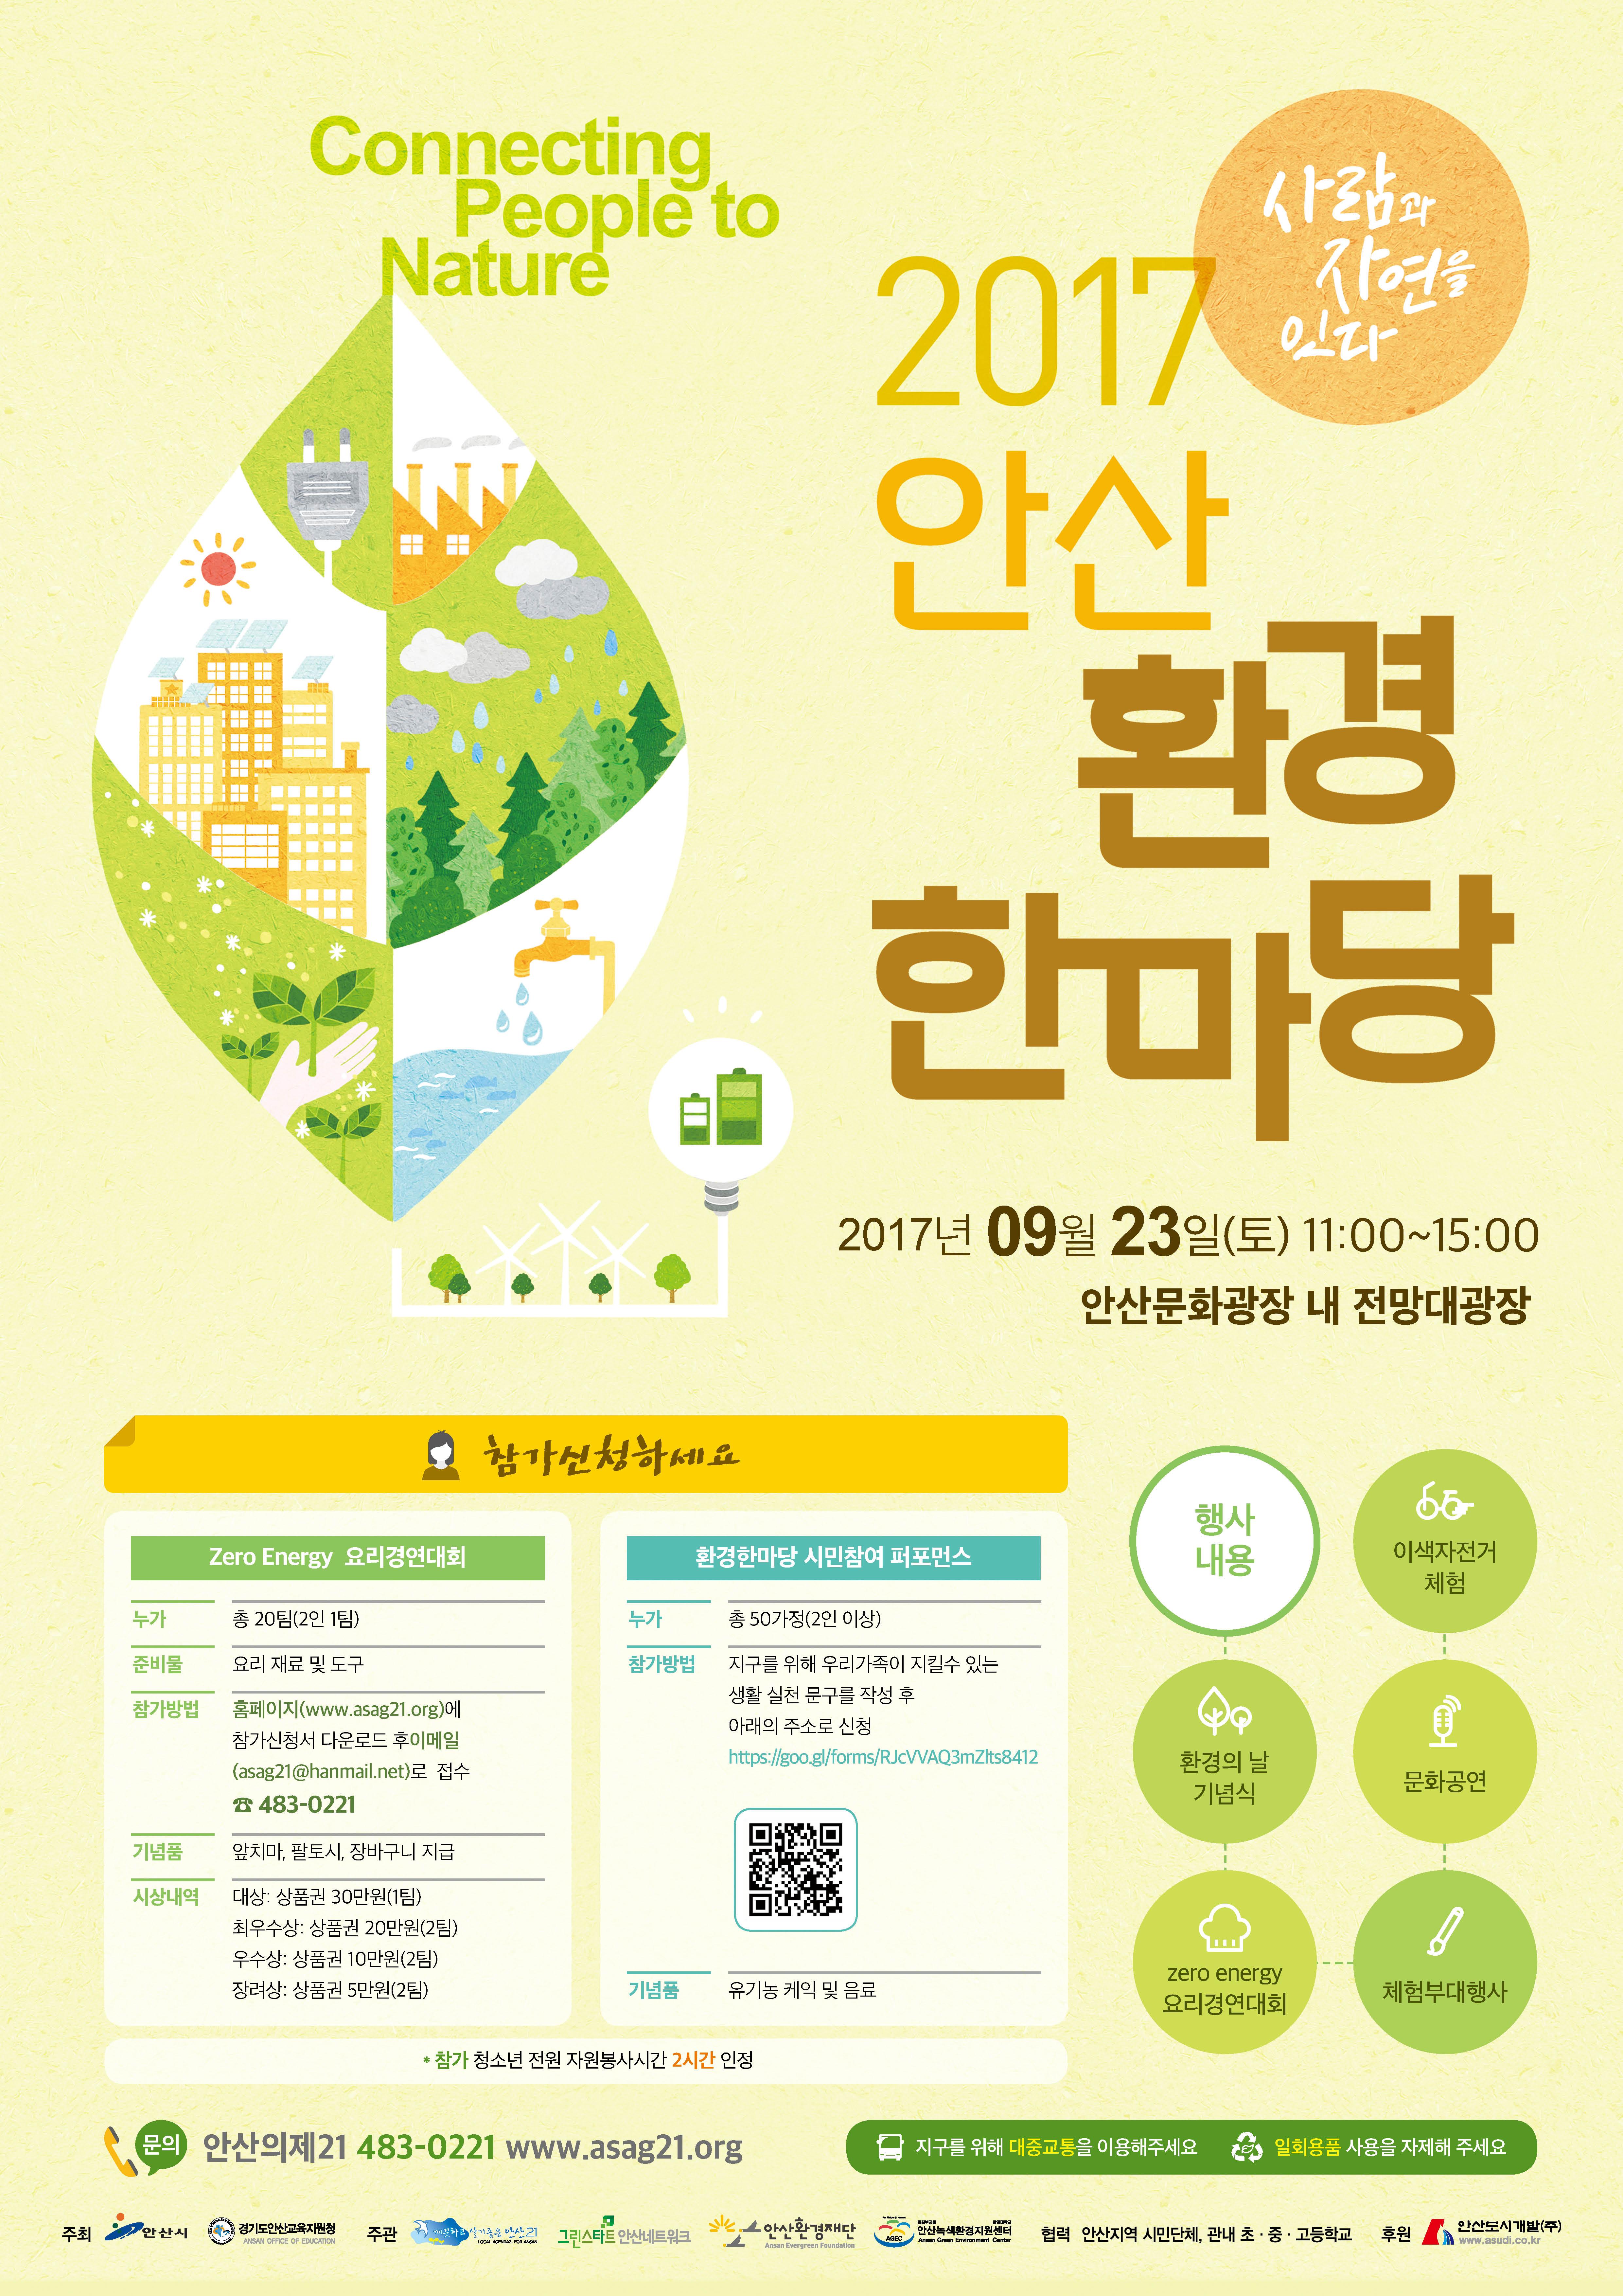 안산의제21-2017안산환경한마당-포스터05.jpg